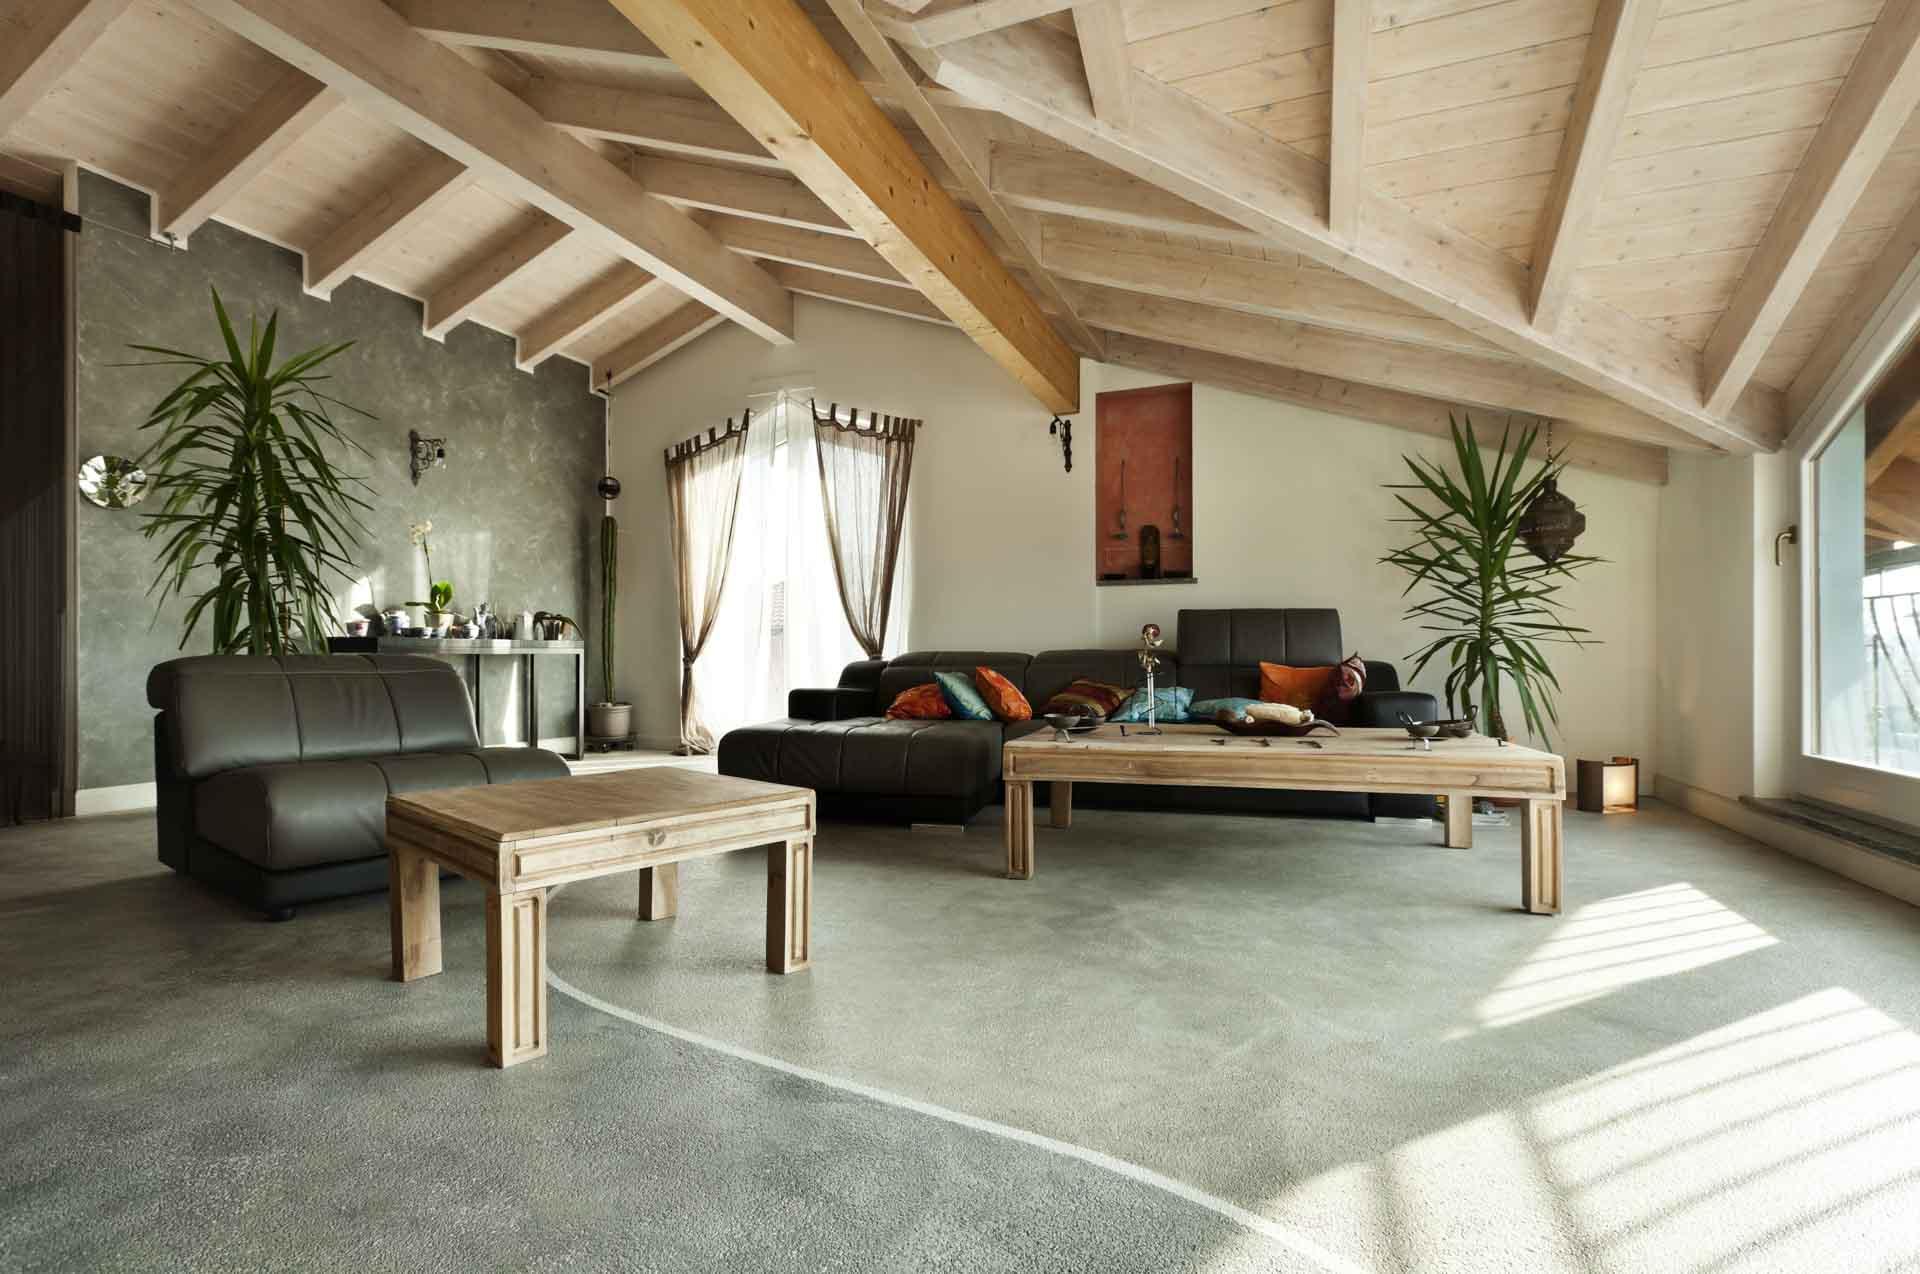 Resine Per Pavimenti Casa.Resina Per Pavimenti Savona Colorificio Albissola